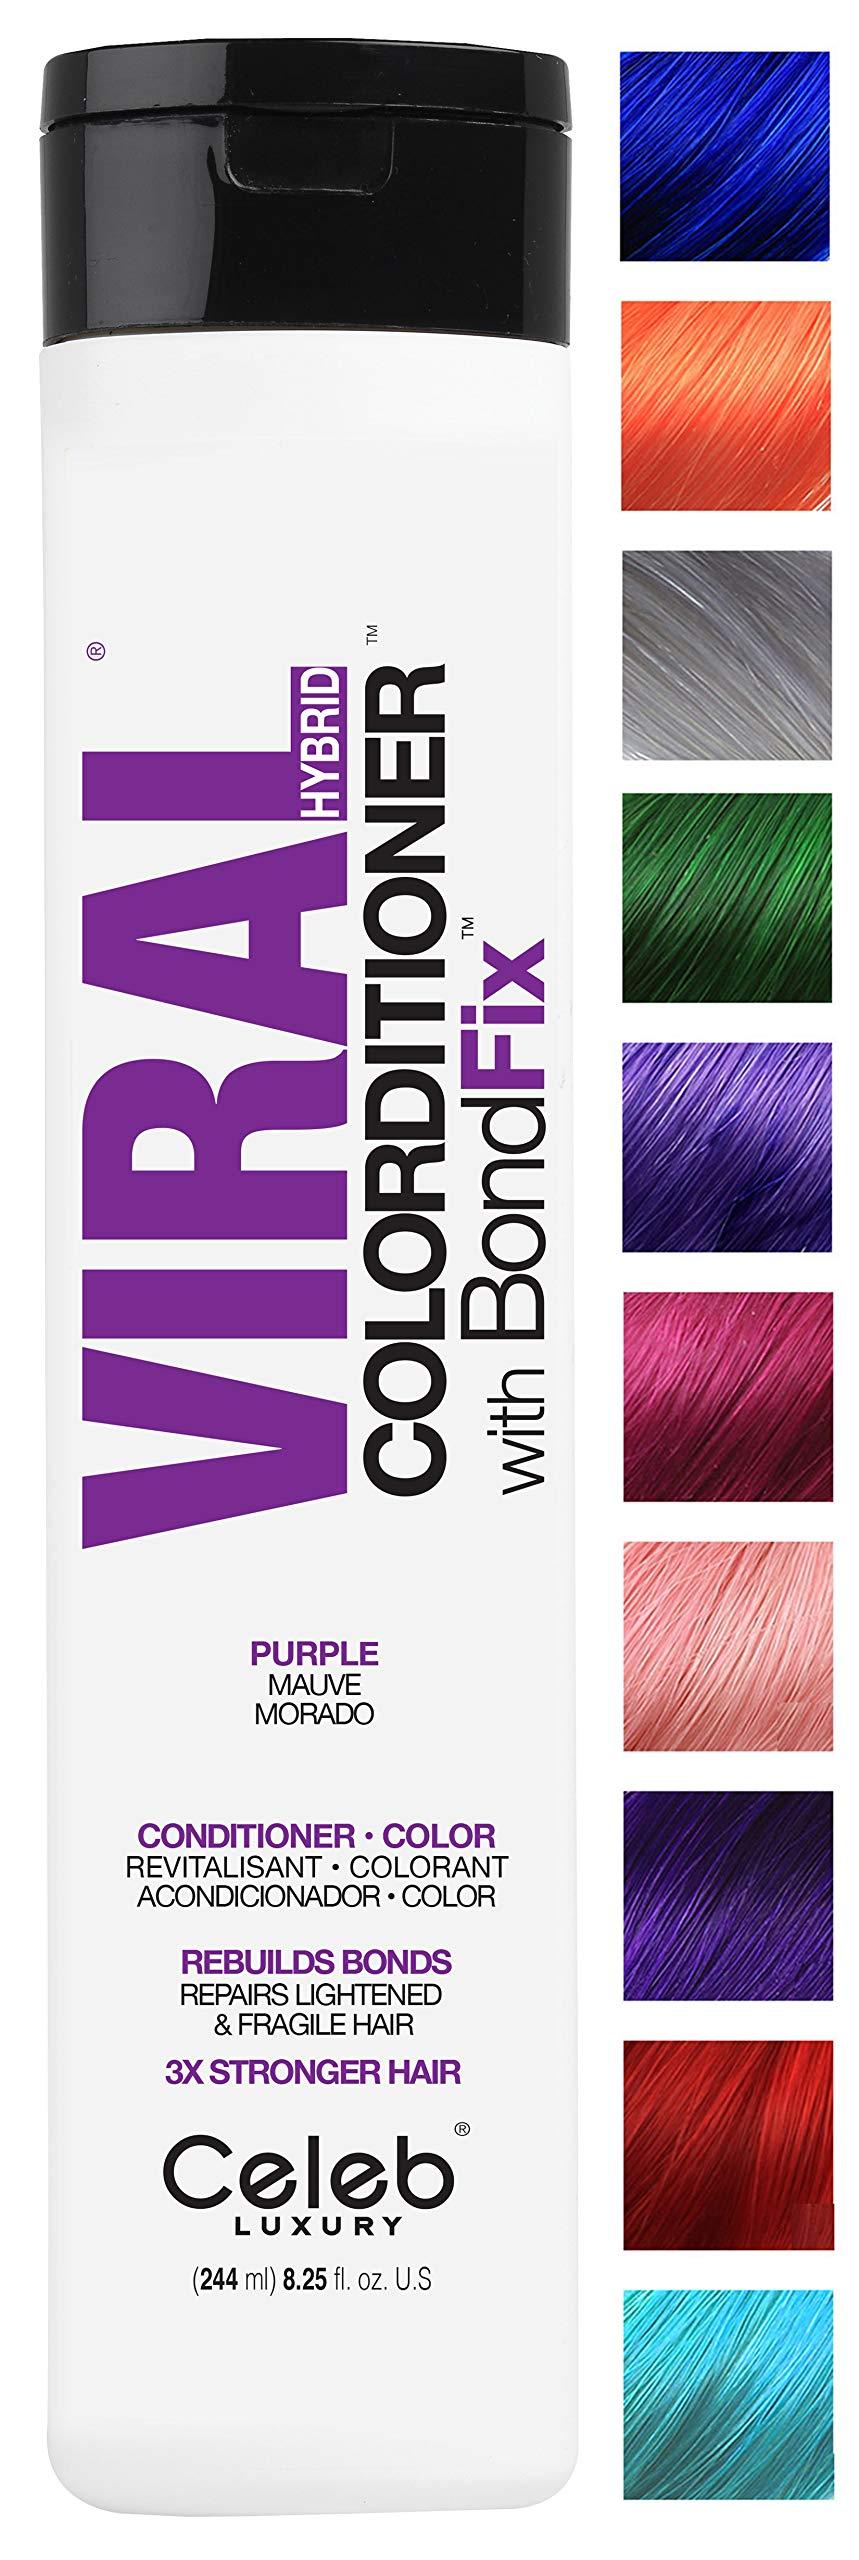 Celeb Luxury Viral Colorditioner: Purple Color Depositing Conditioner, BondFix Bond Rebuilder, 10 Vivid and Pastel Colors, Stops Fade, Conditioner + Vivid Color, Cruelty-Free, 100% Vegan